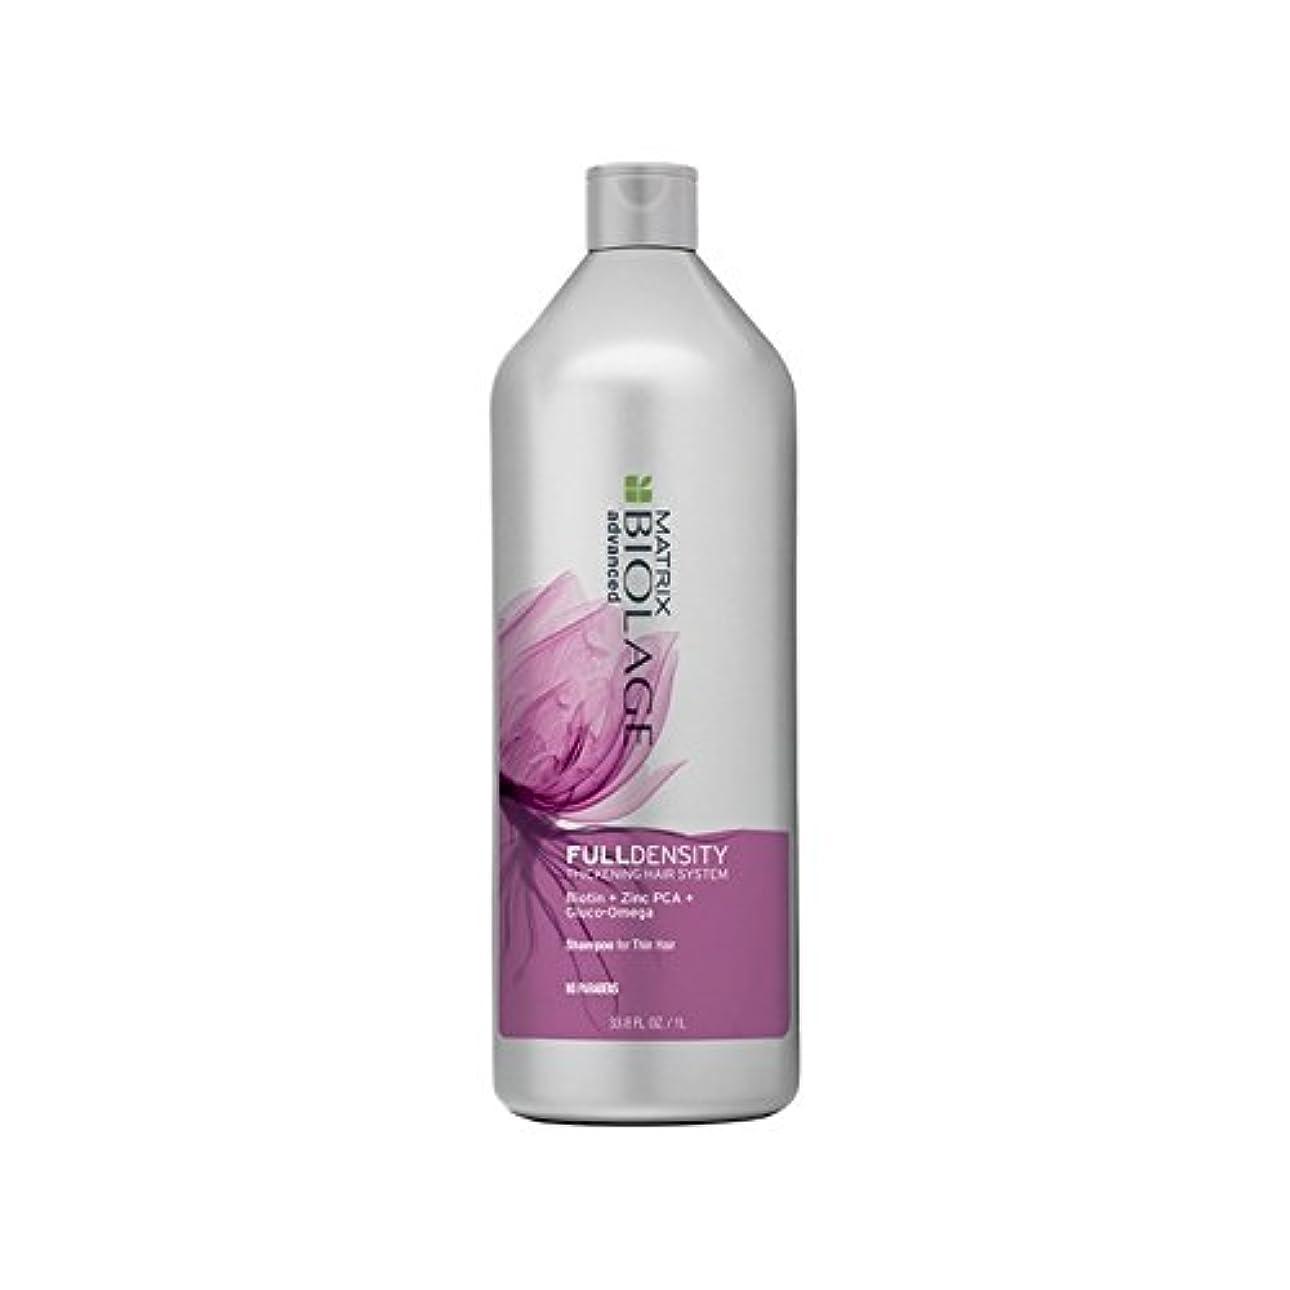 怒っている気分が悪い速度マトリックスバイオレイジ完全密度シャンプー(千ミリリットル) x4 - Matrix Biolage Full Density Shampoo (1000ml) (Pack of 4) [並行輸入品]